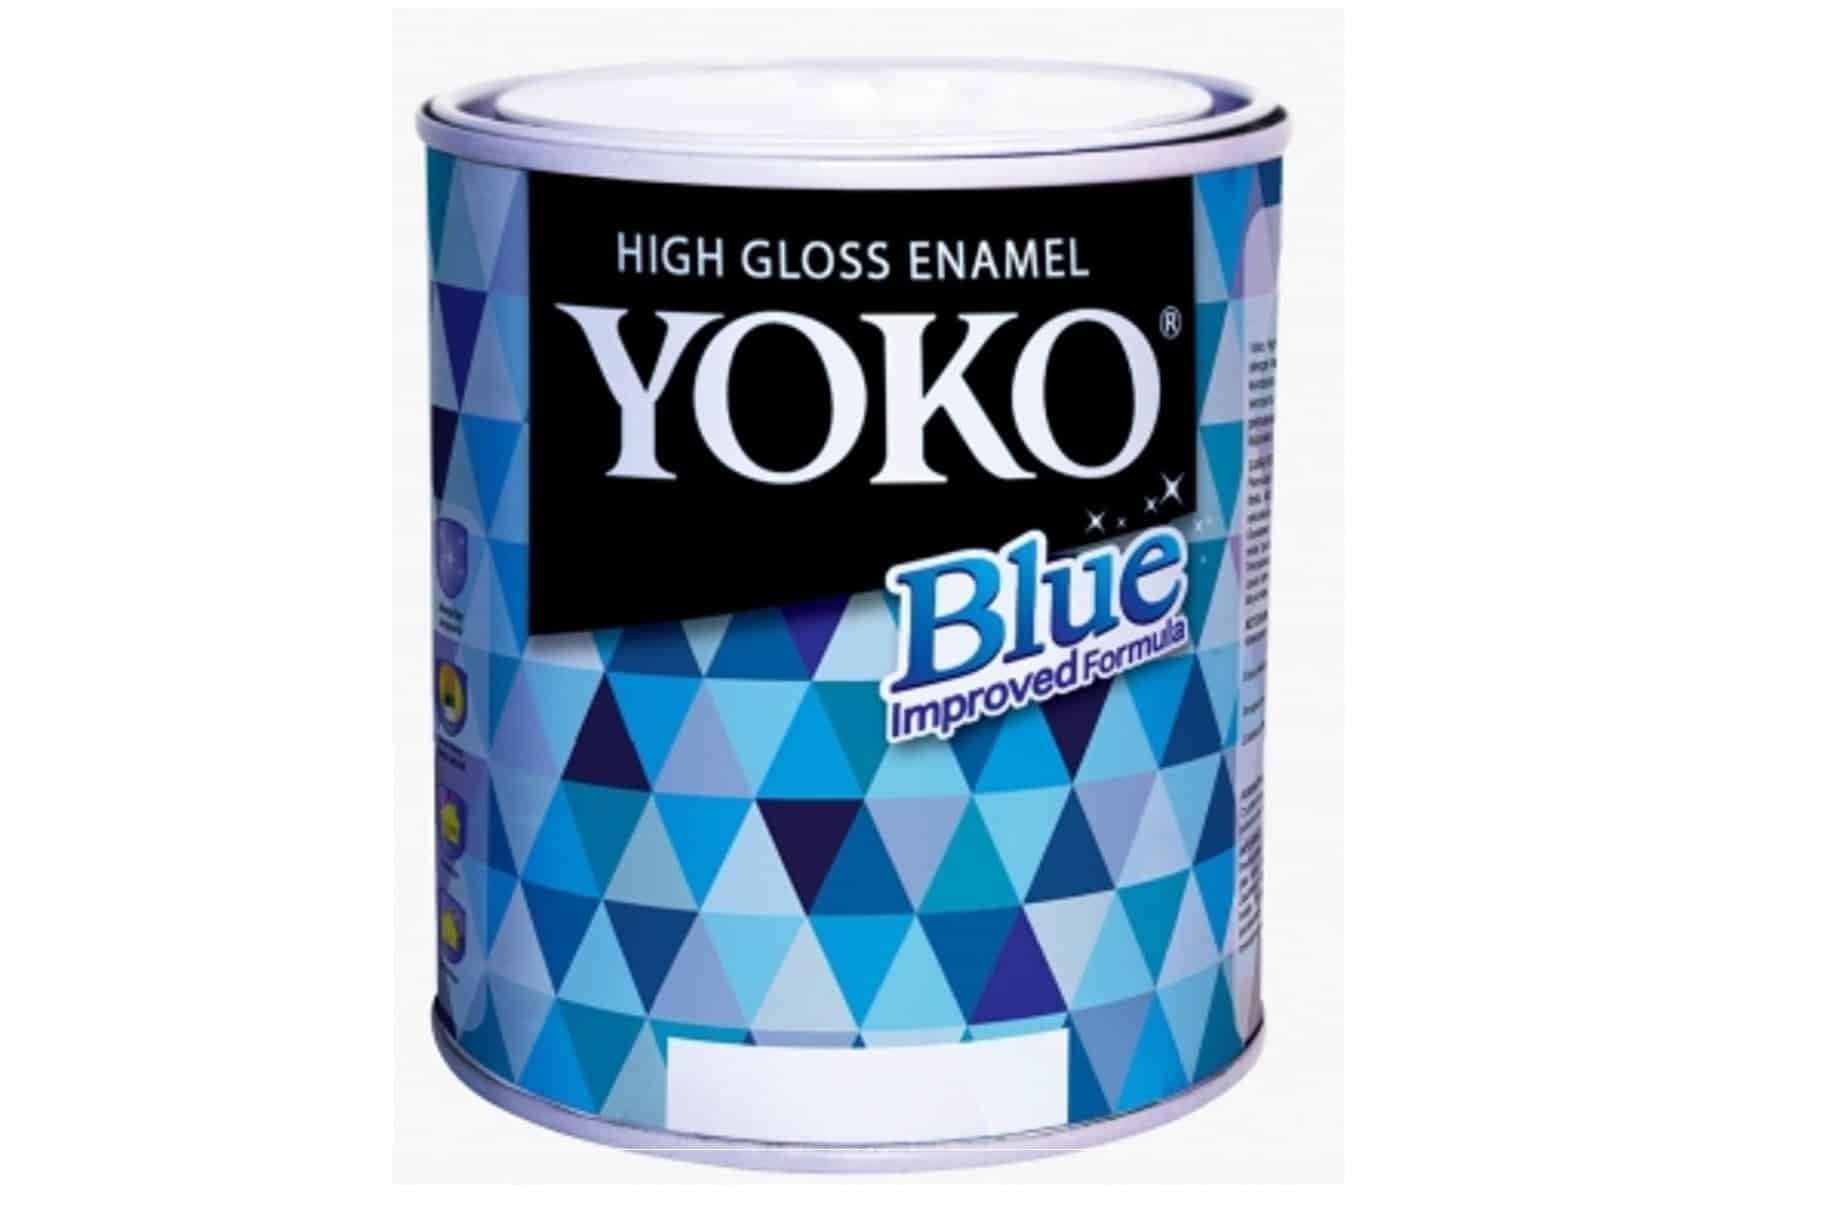 High-Gloss-Enamel-dari-Yoko